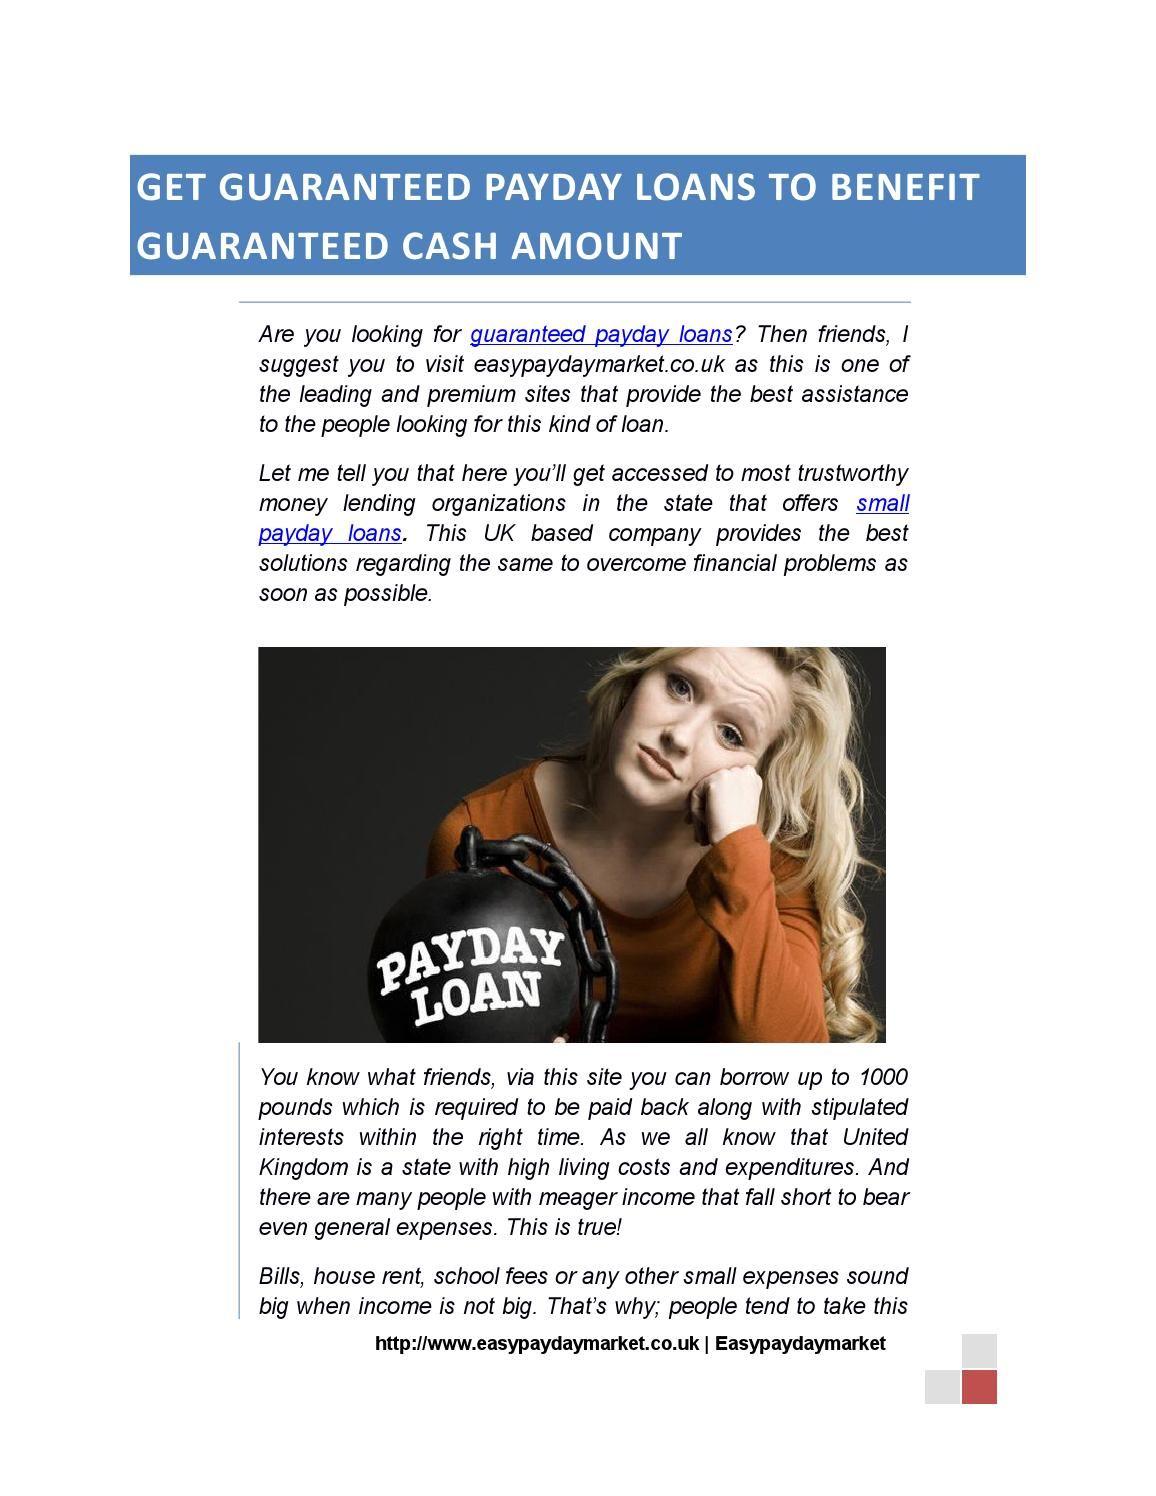 Get guaranteed payday loans to benefit guaranteed Payday